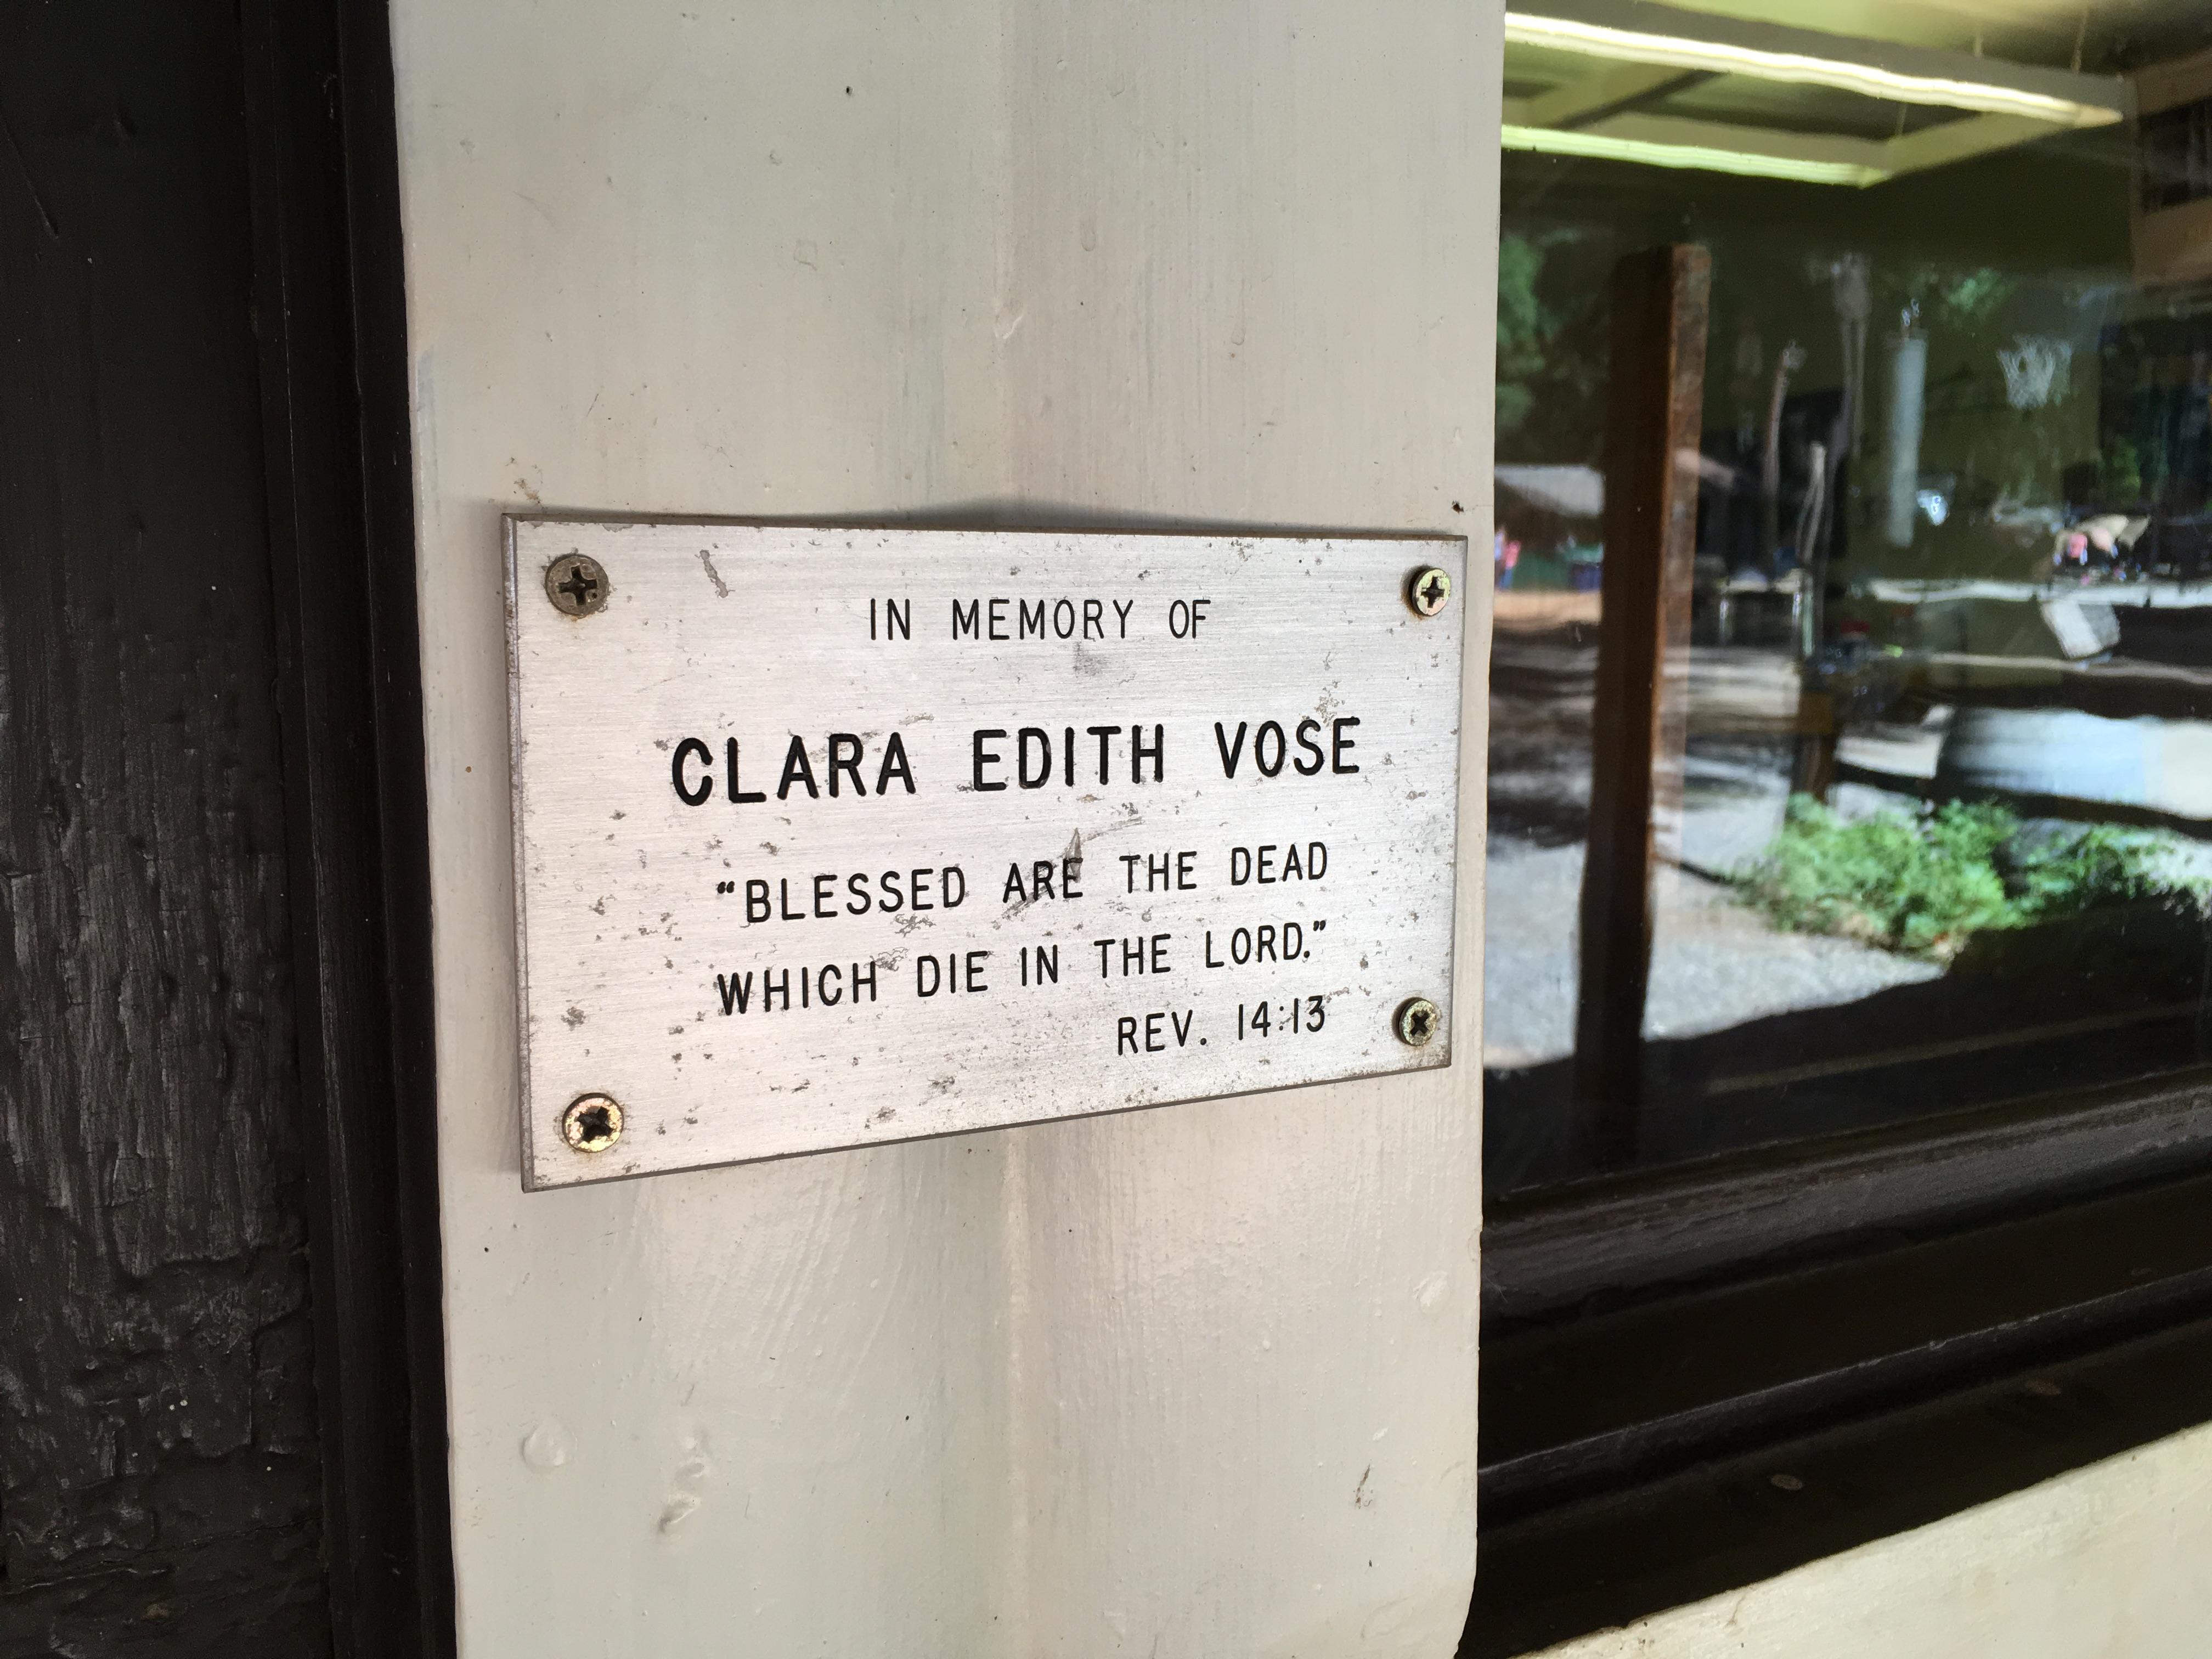 Clara Edith Vose